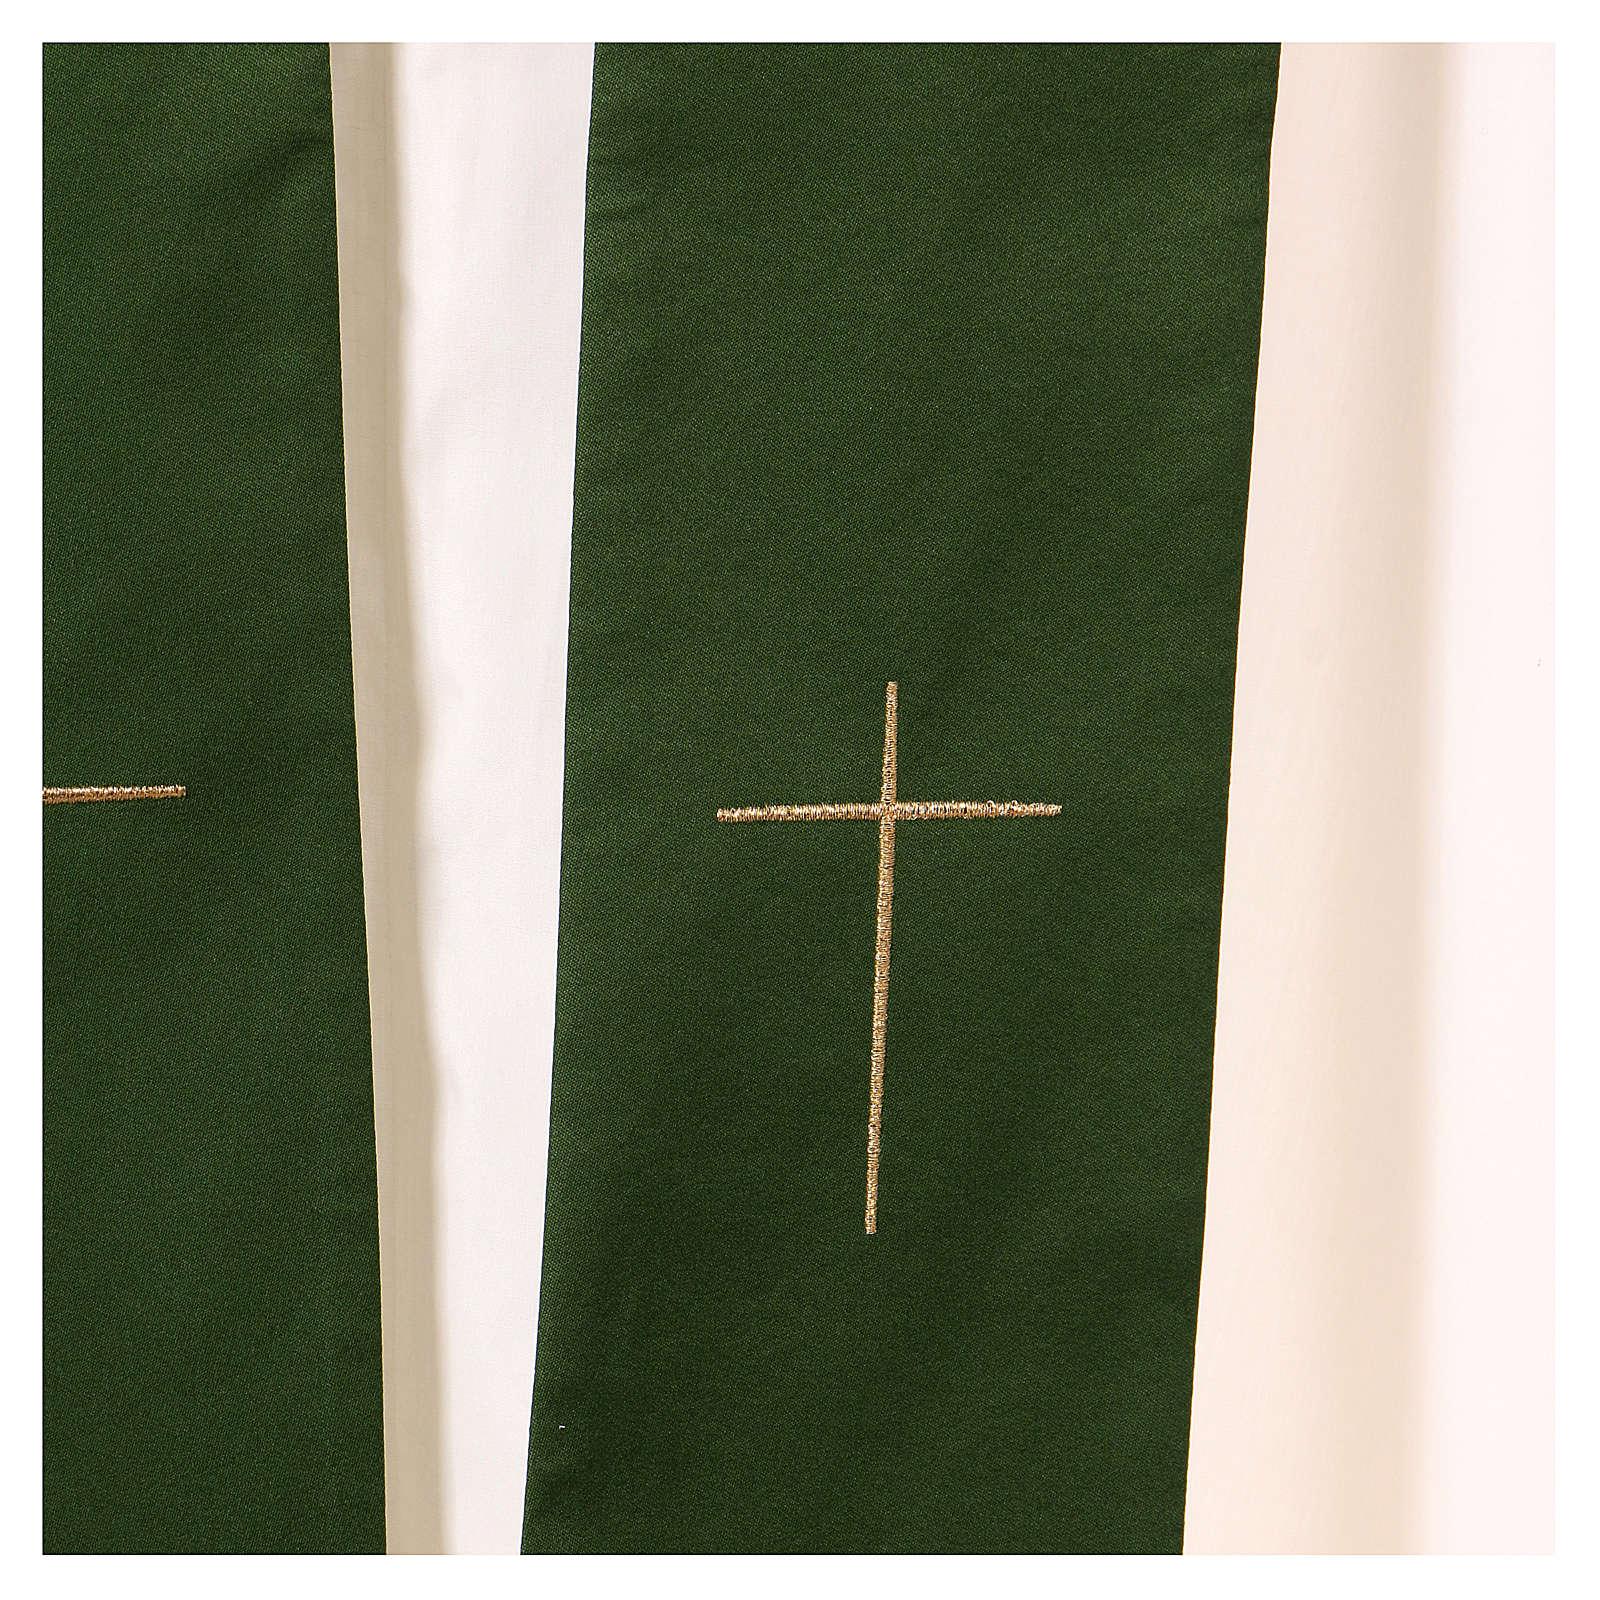 Casula decorazioni dorate 100% poliestere 4